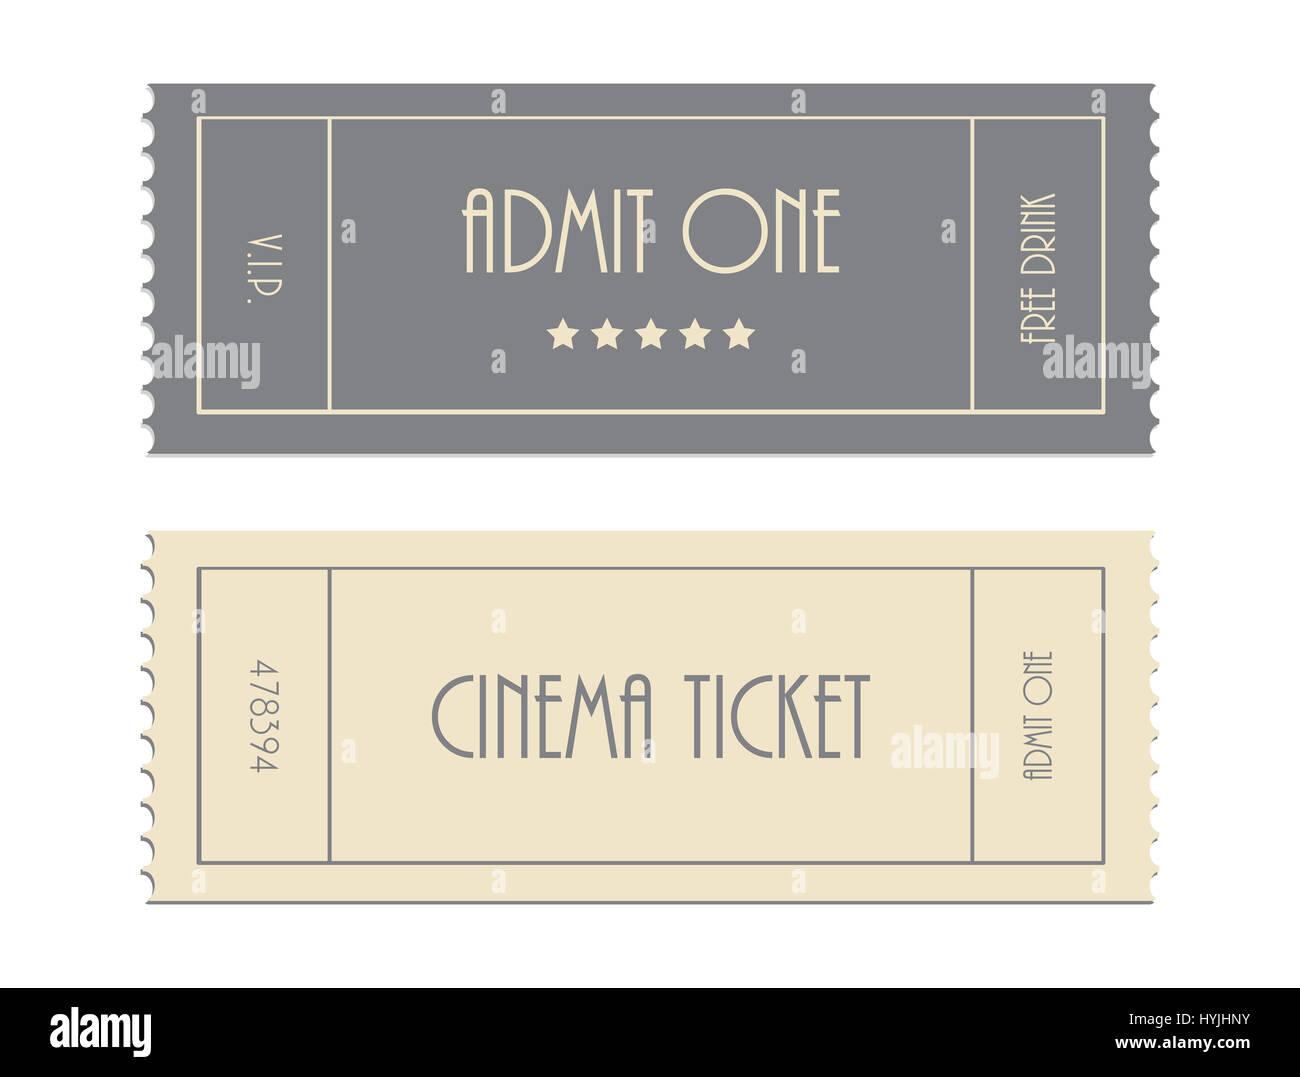 Fantastisch Kostenlose Film Ticket Vorlage Galerie - Entry Level ...